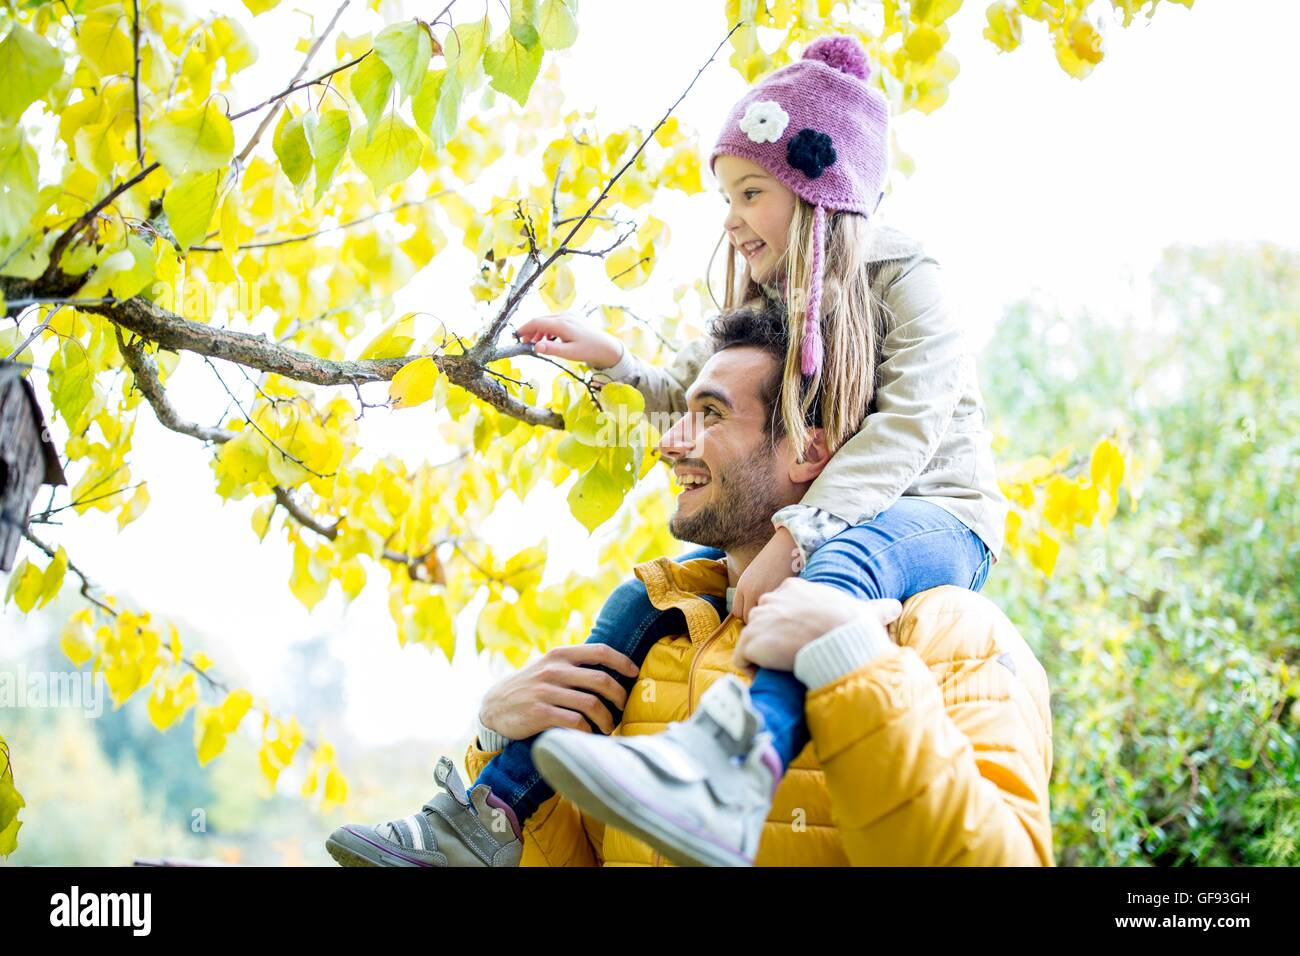 Modello rilasciato. Padre figlia che porta sulle spalle e guardando il ramo in autunno. Immagini Stock